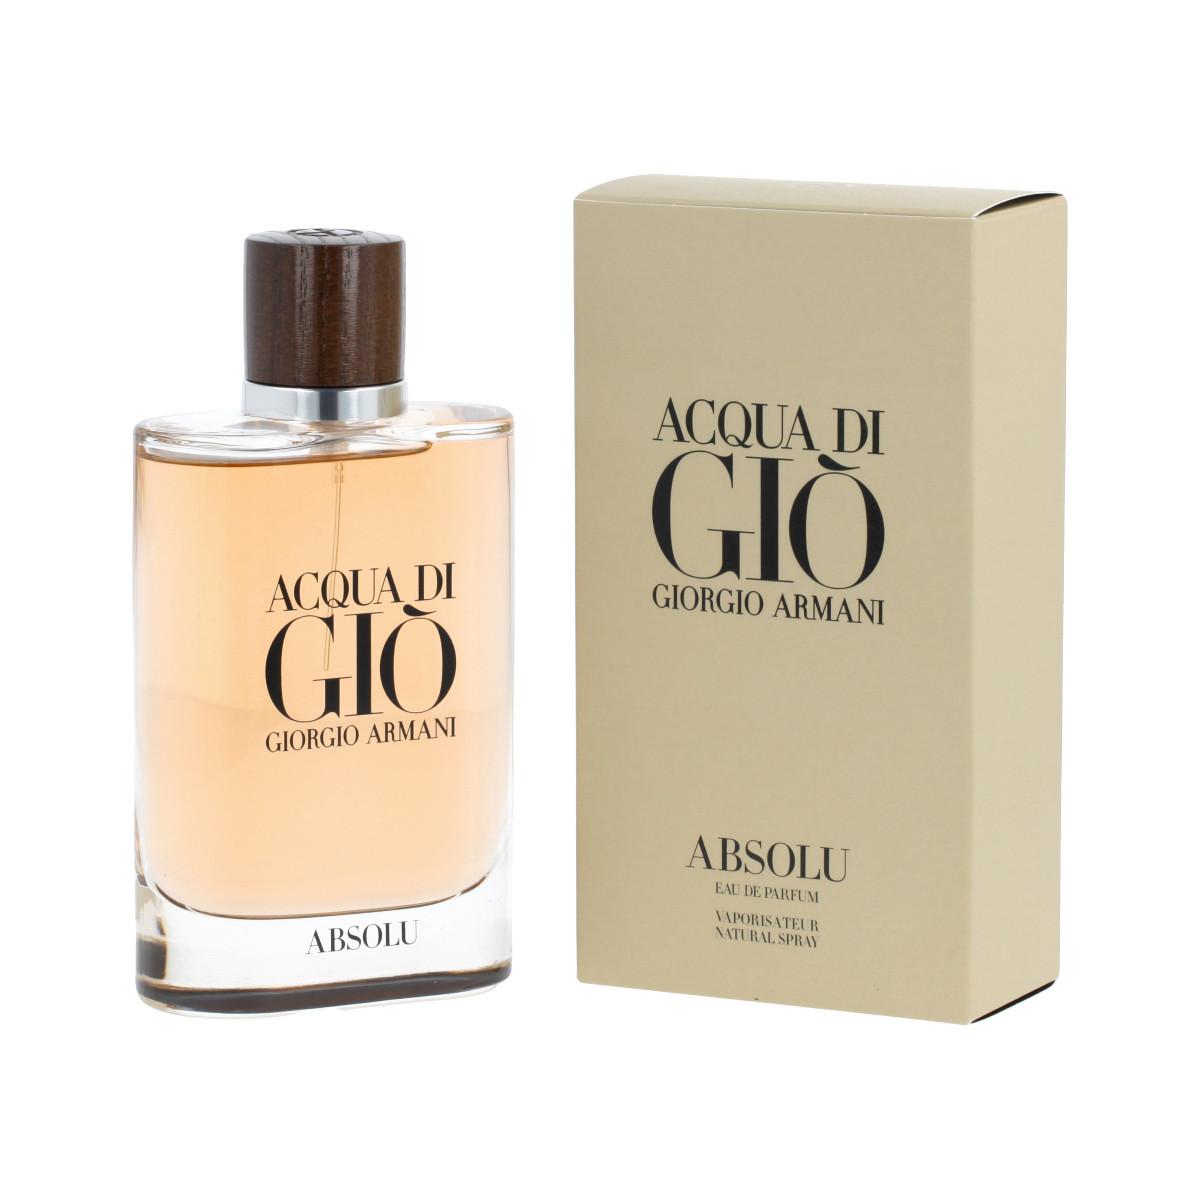 Armani Giorgio Acqua Di Gio Absolu Eau De Parfum Uomo 125 Ml